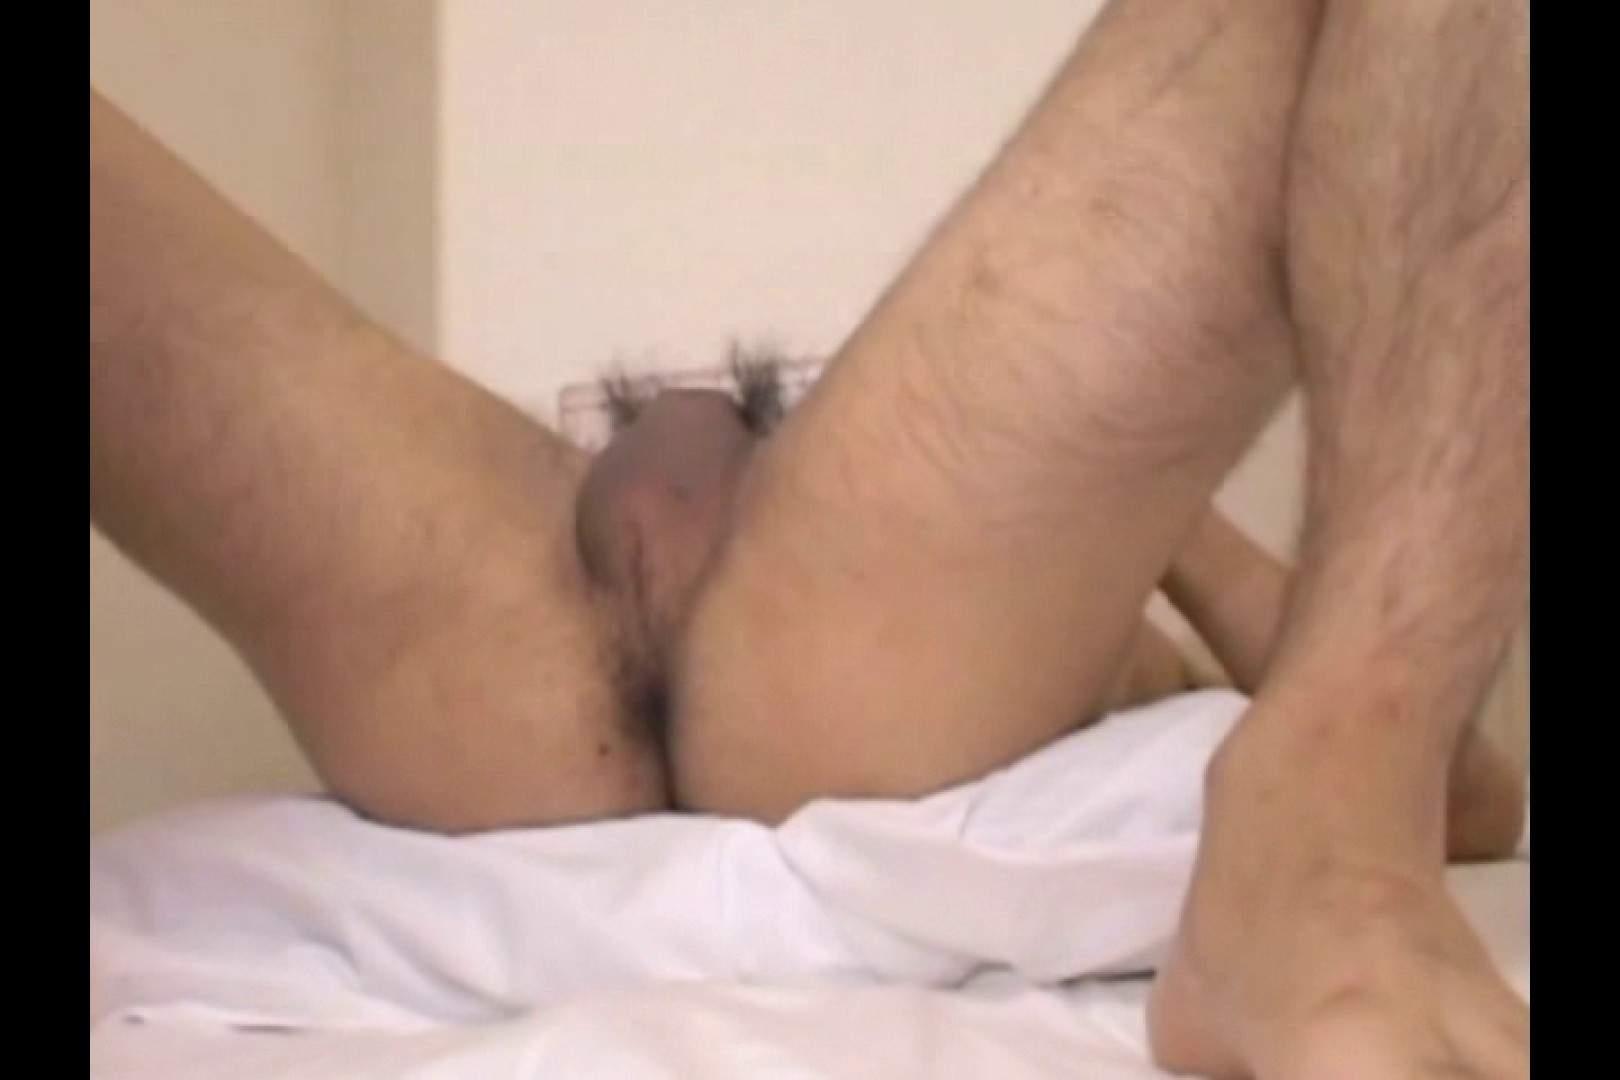 ノンケさんいらっしゃーい前編 ノンケ達のセックス   男の世界  103画像 77